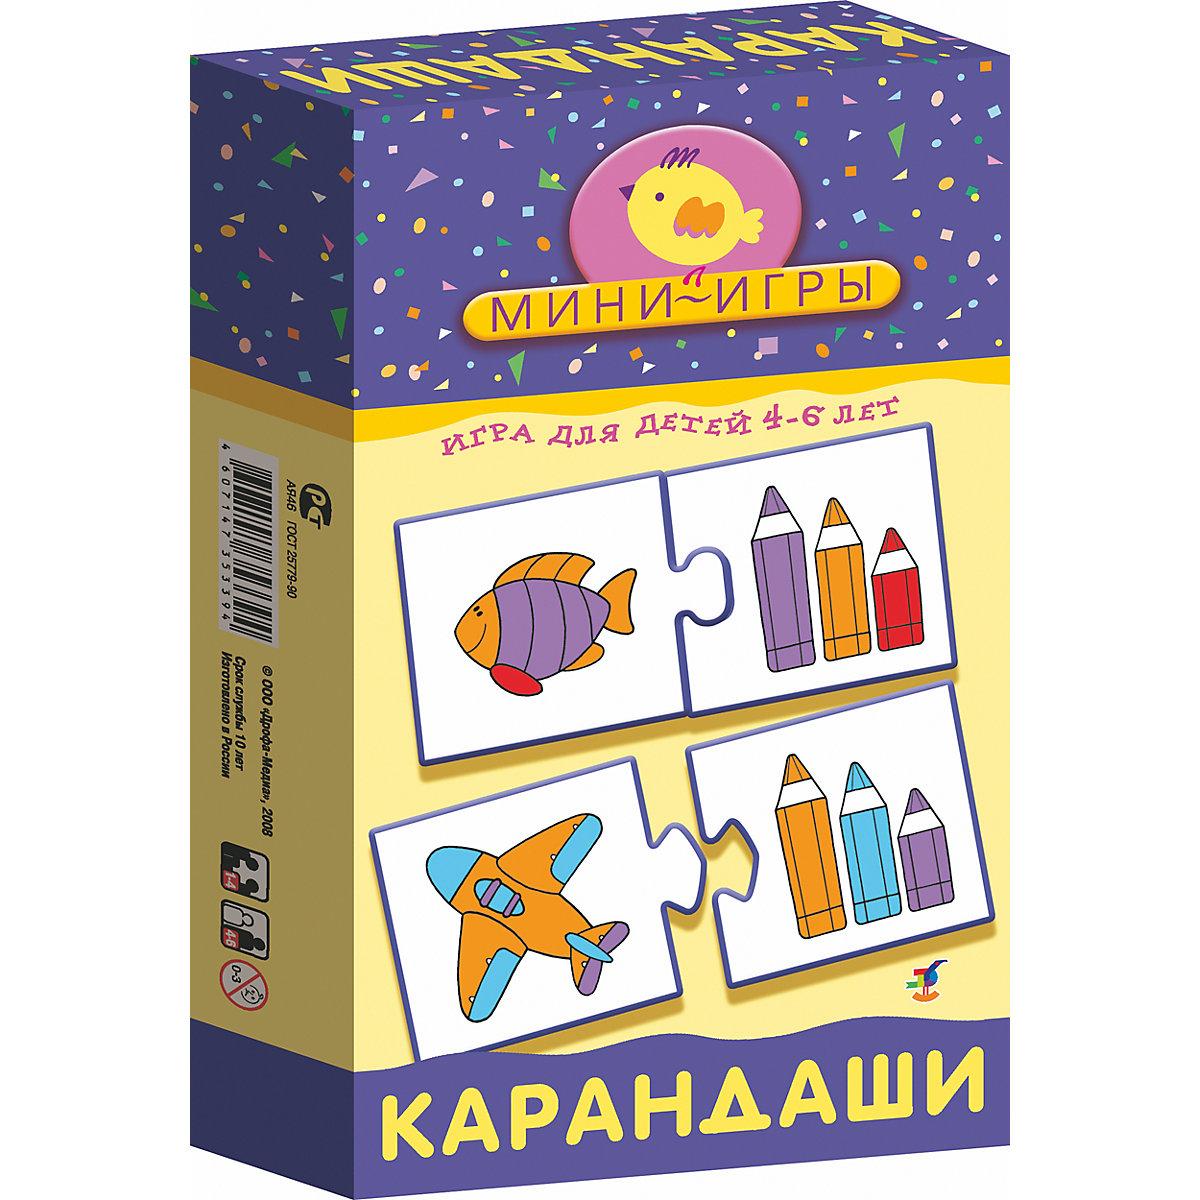 Игра настольная из серии Мини-игры – КарандашиДля самых маленьких<br>Игра настольная из серии Мини-игры – Карандаши<br>